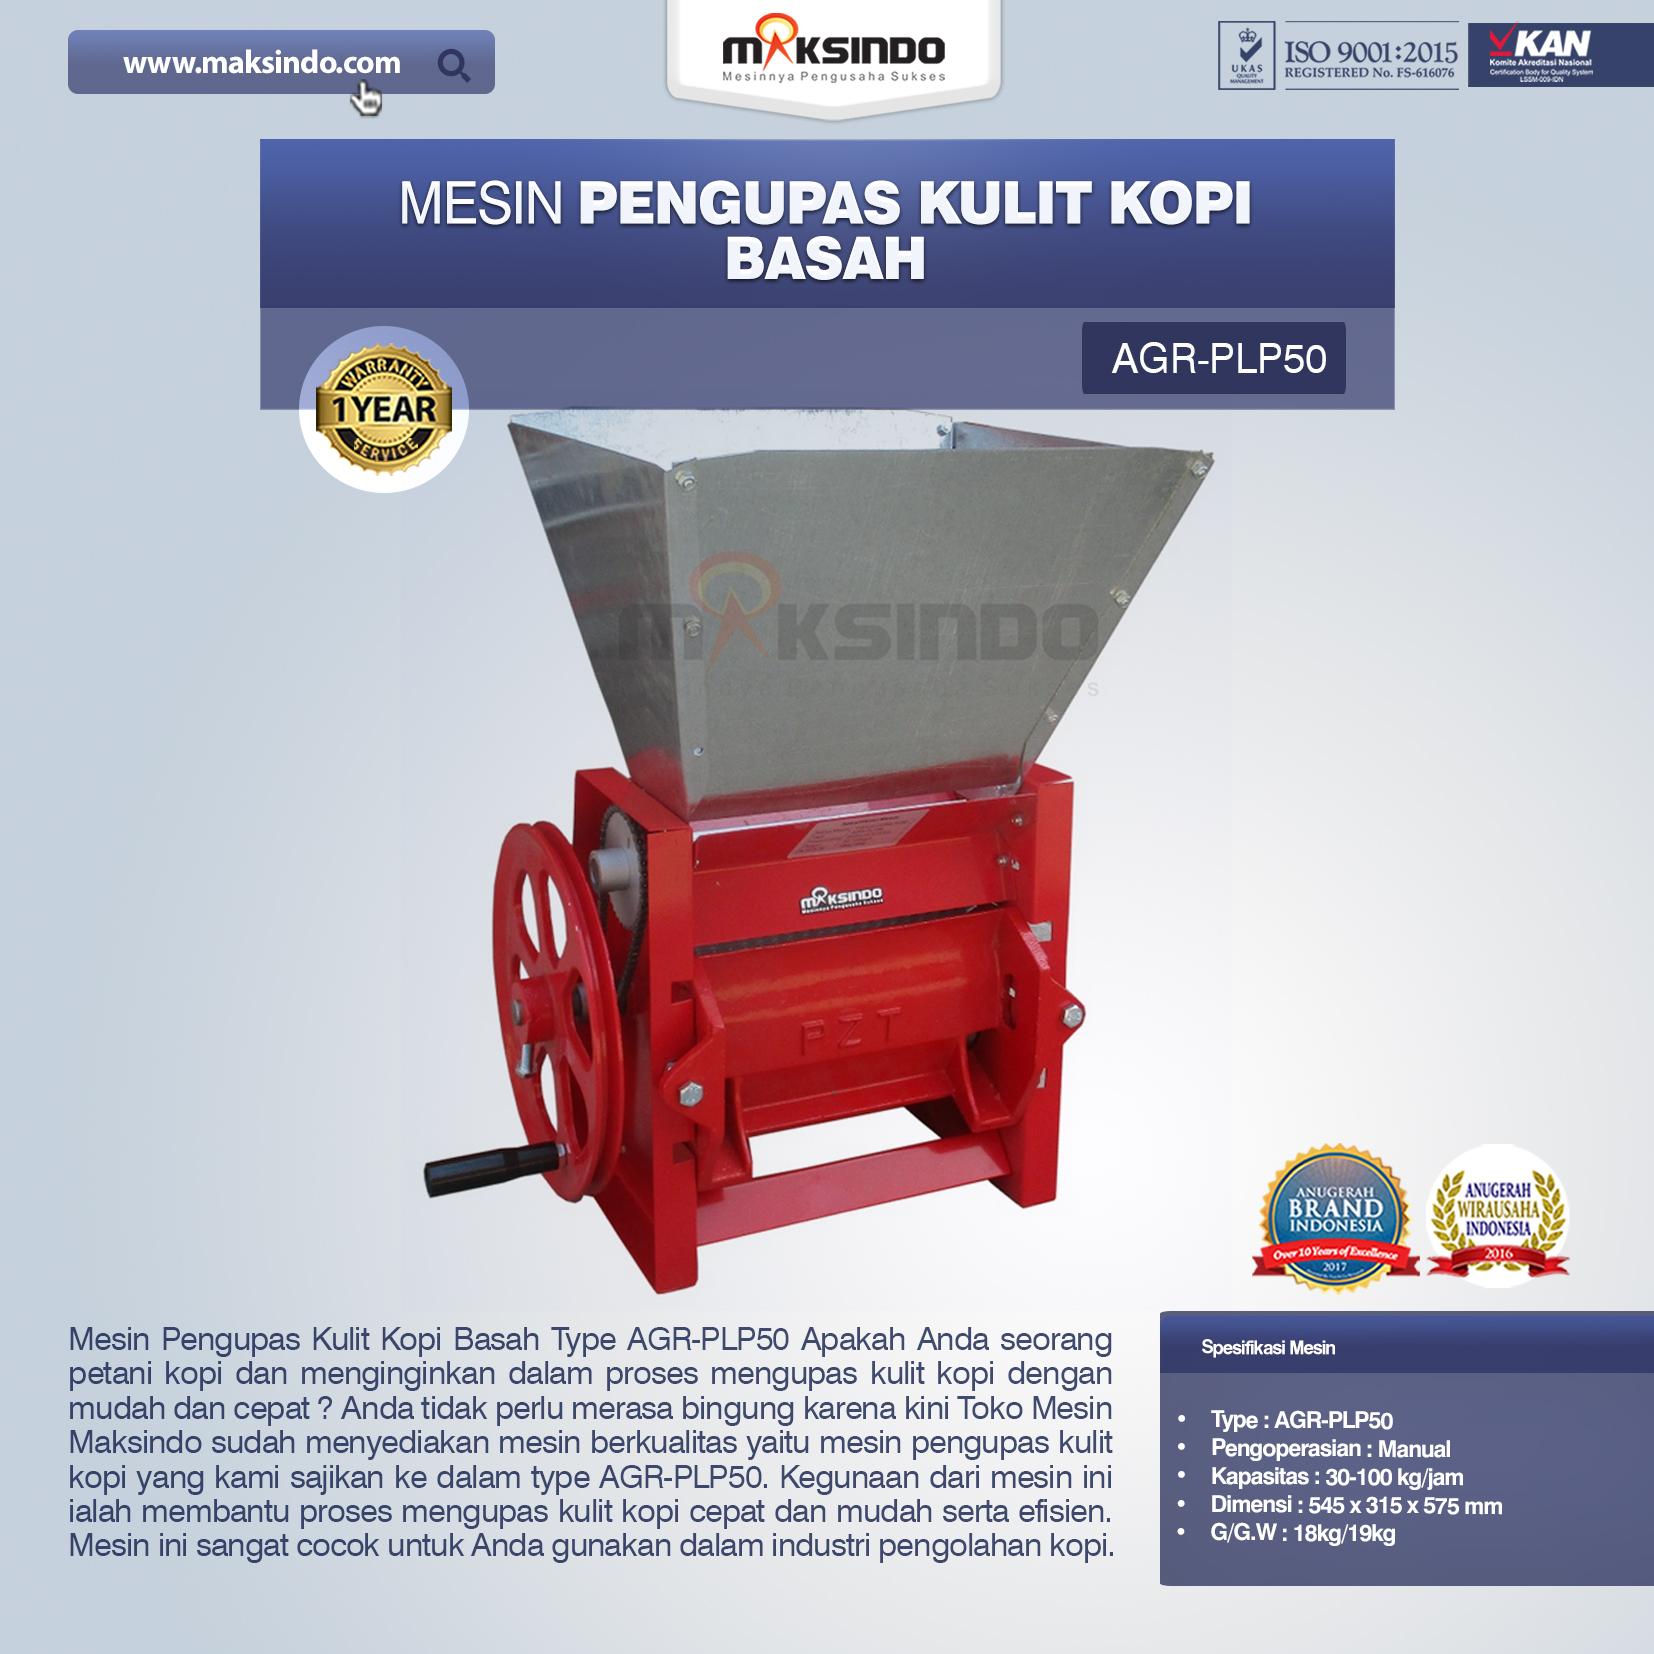 Jual Mesin Pengupas Kulit Kopi Basah Type AGR-PLP50 di Bali